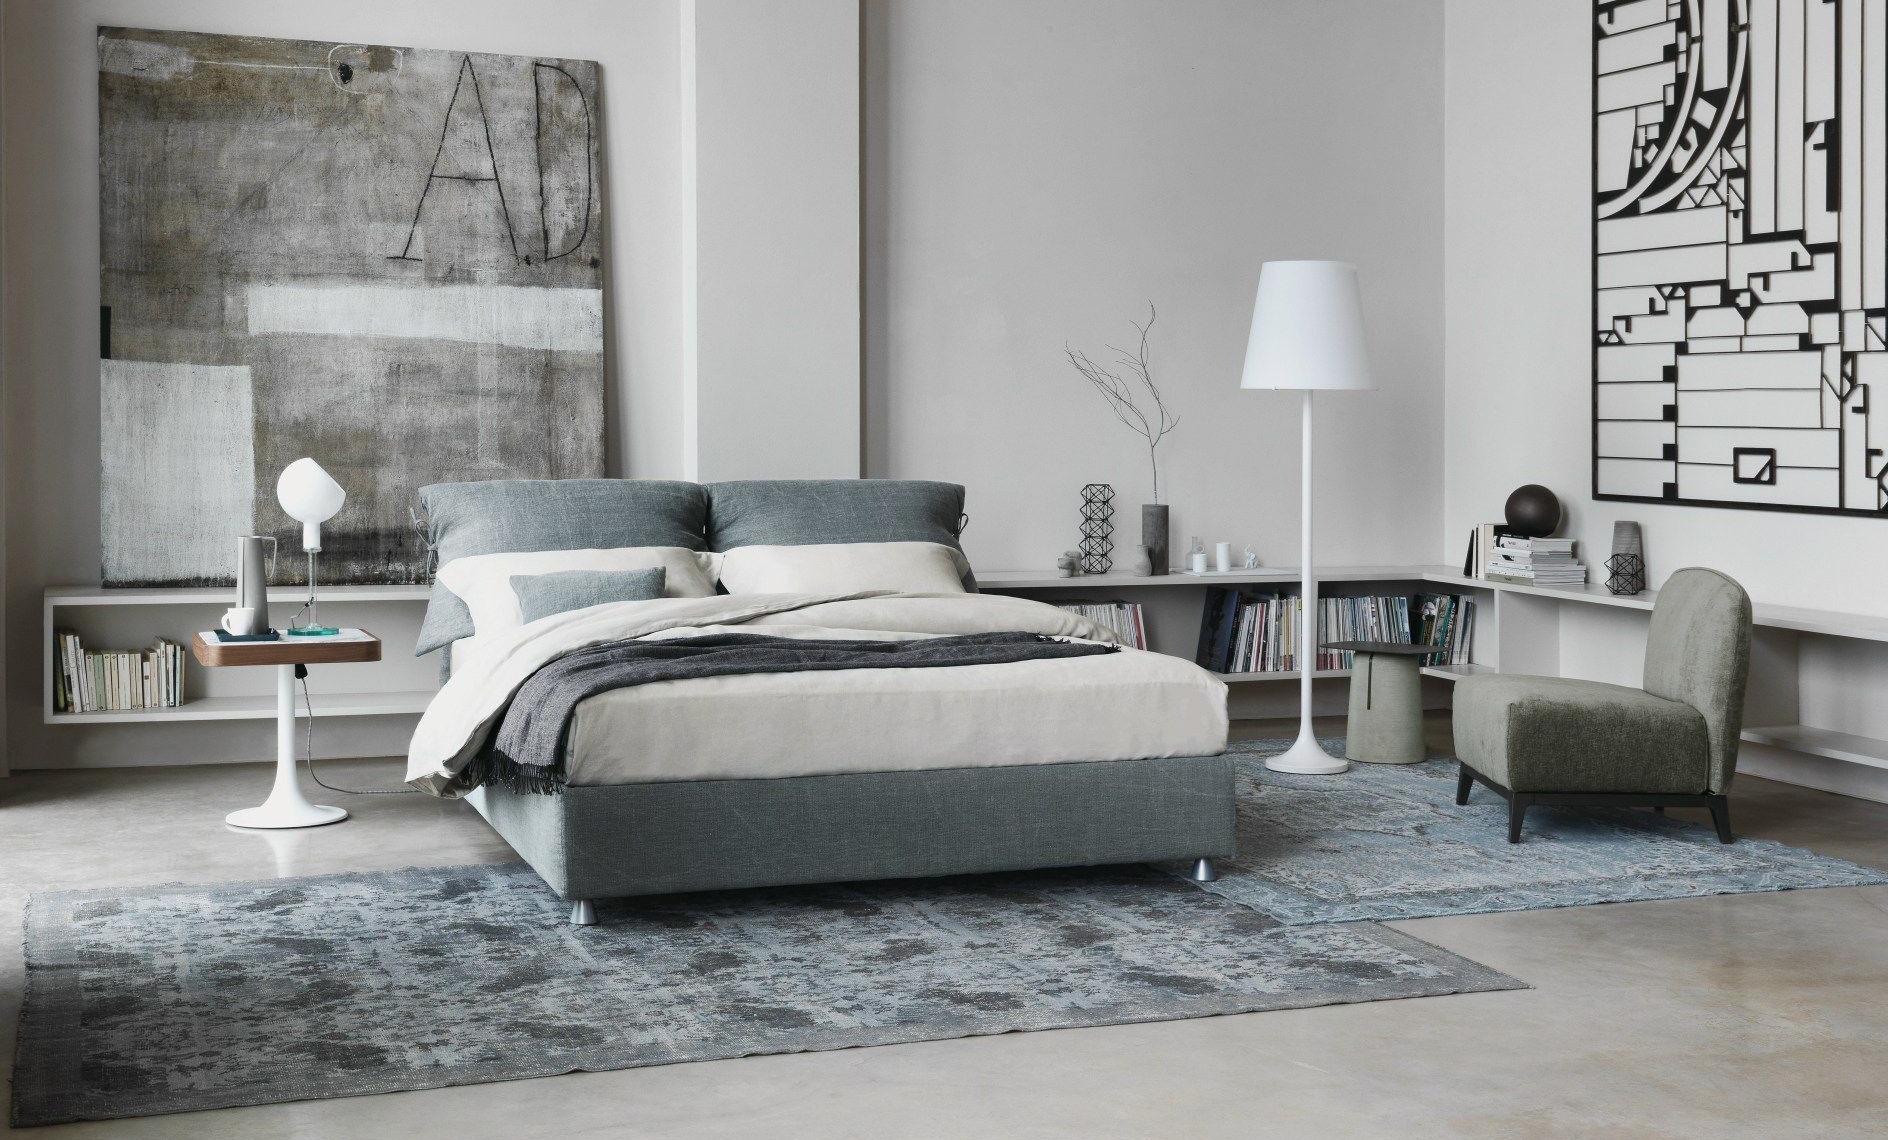 Flou Betten In Luzern Und Der Zentralschweiz Buchwalder Linder Möbel